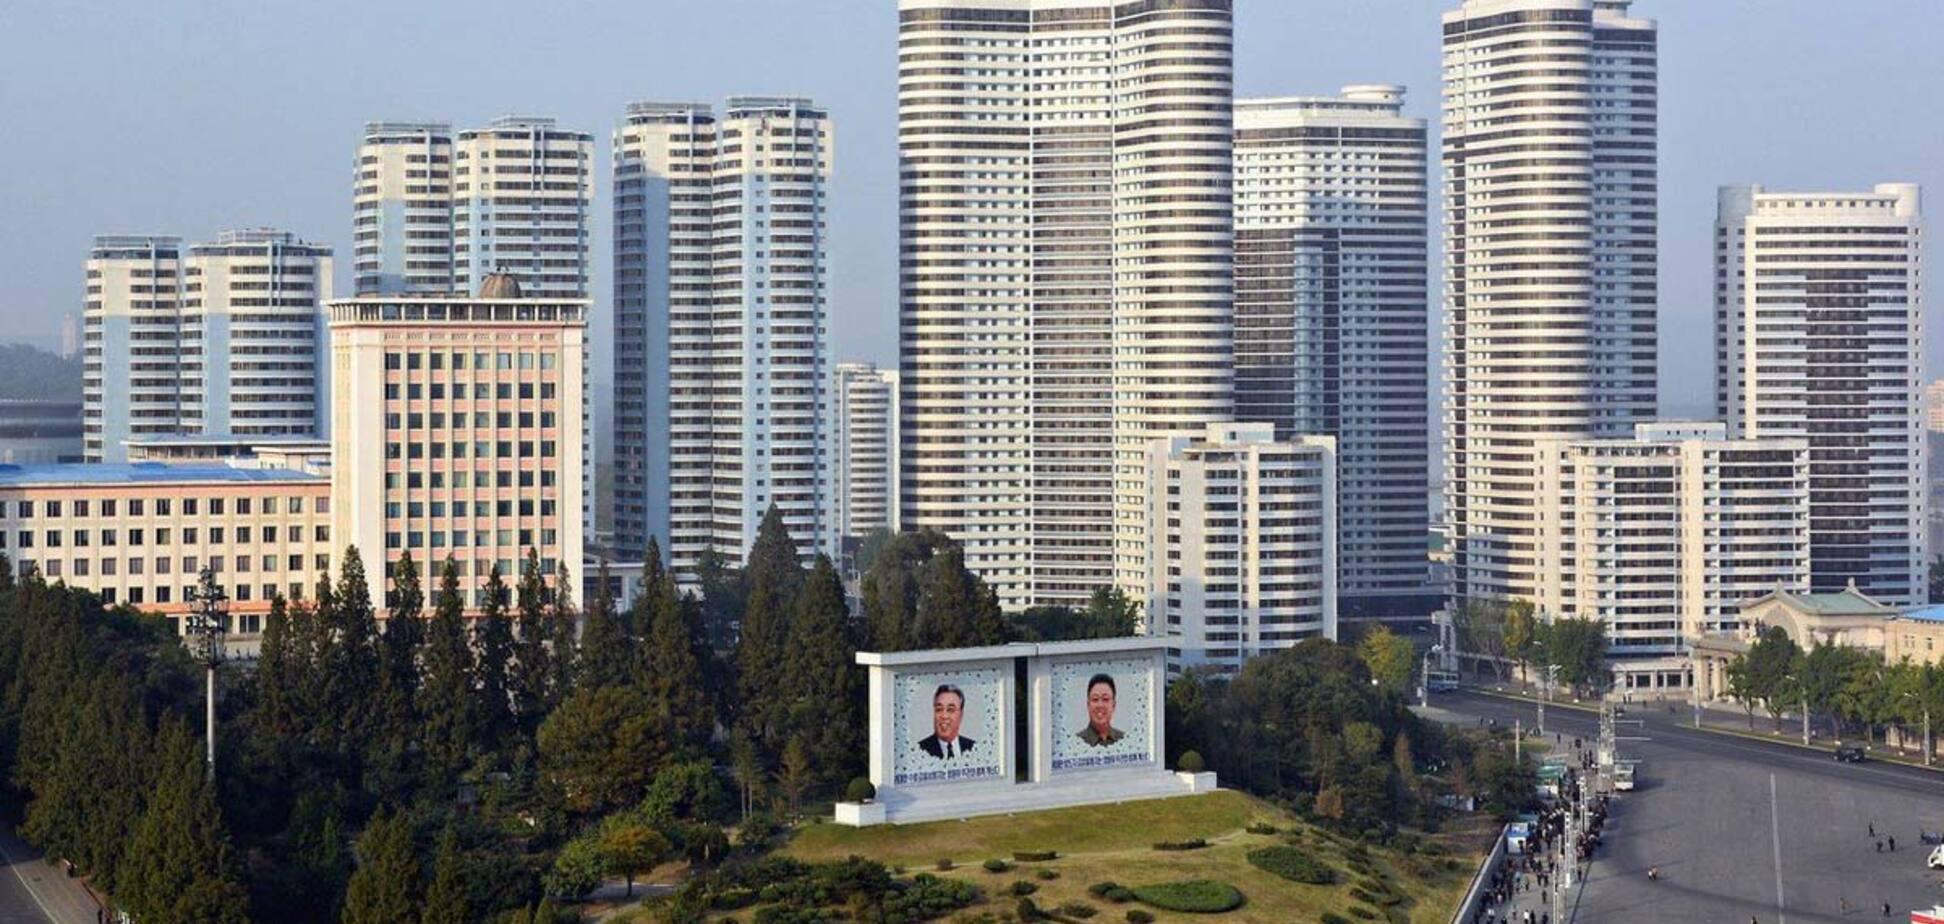 'Секретную' столицу КНДР сняли с высоты птичьего полета: в сеть попало редкое видео